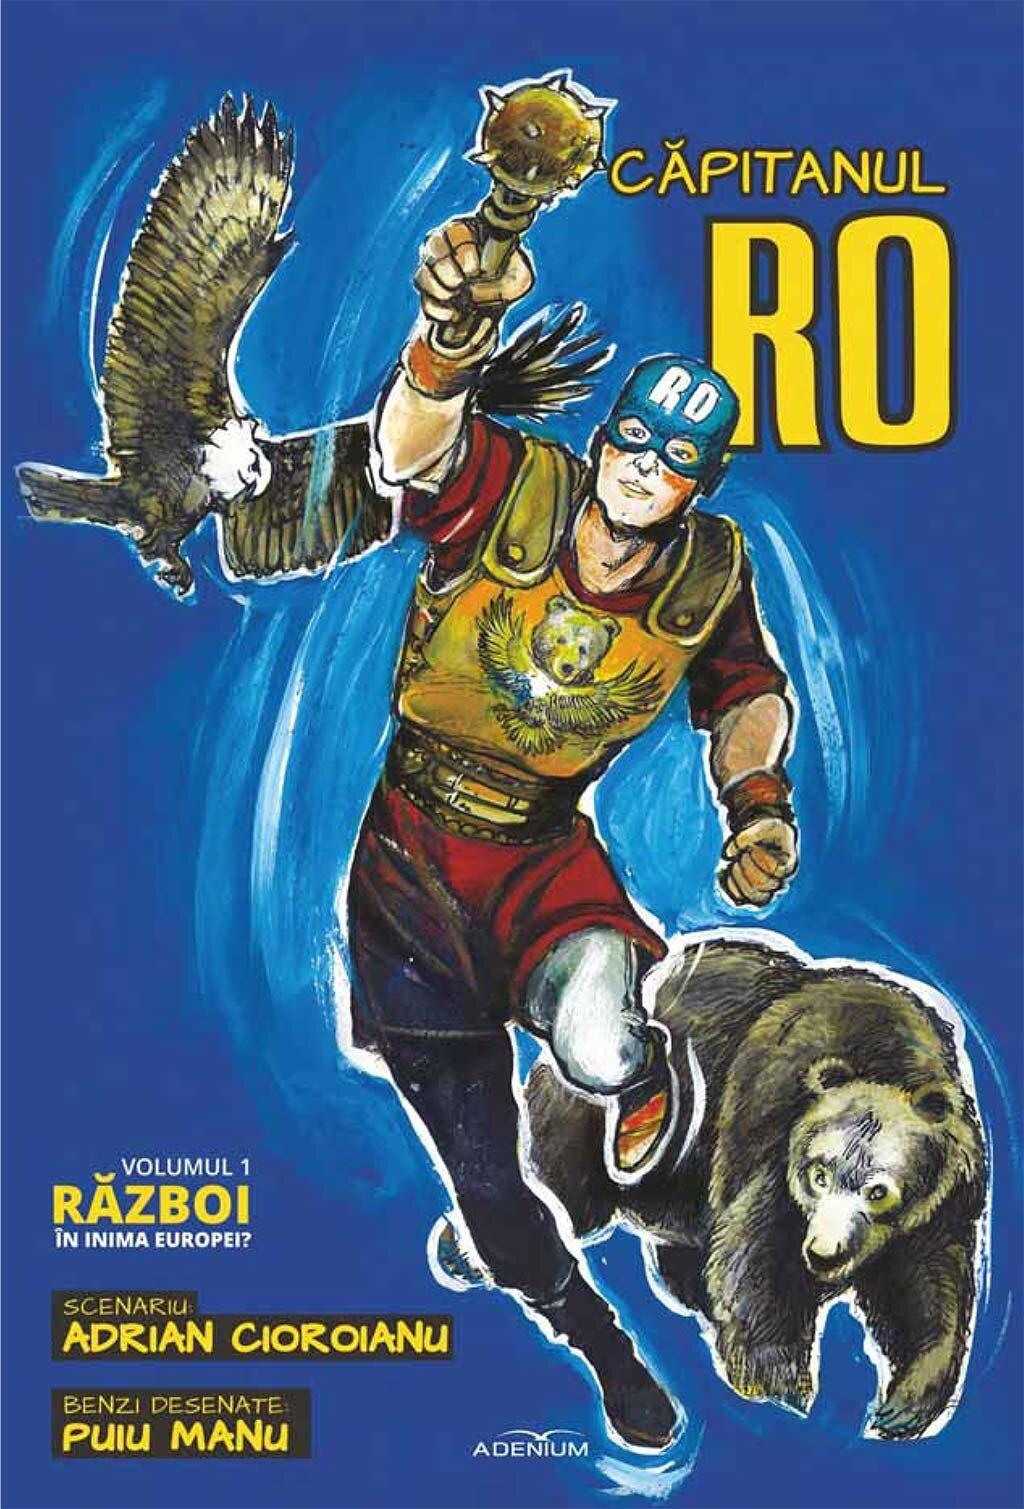 Capitanul RO. Volumul 1. Razboi in inima Europei? (eBook)